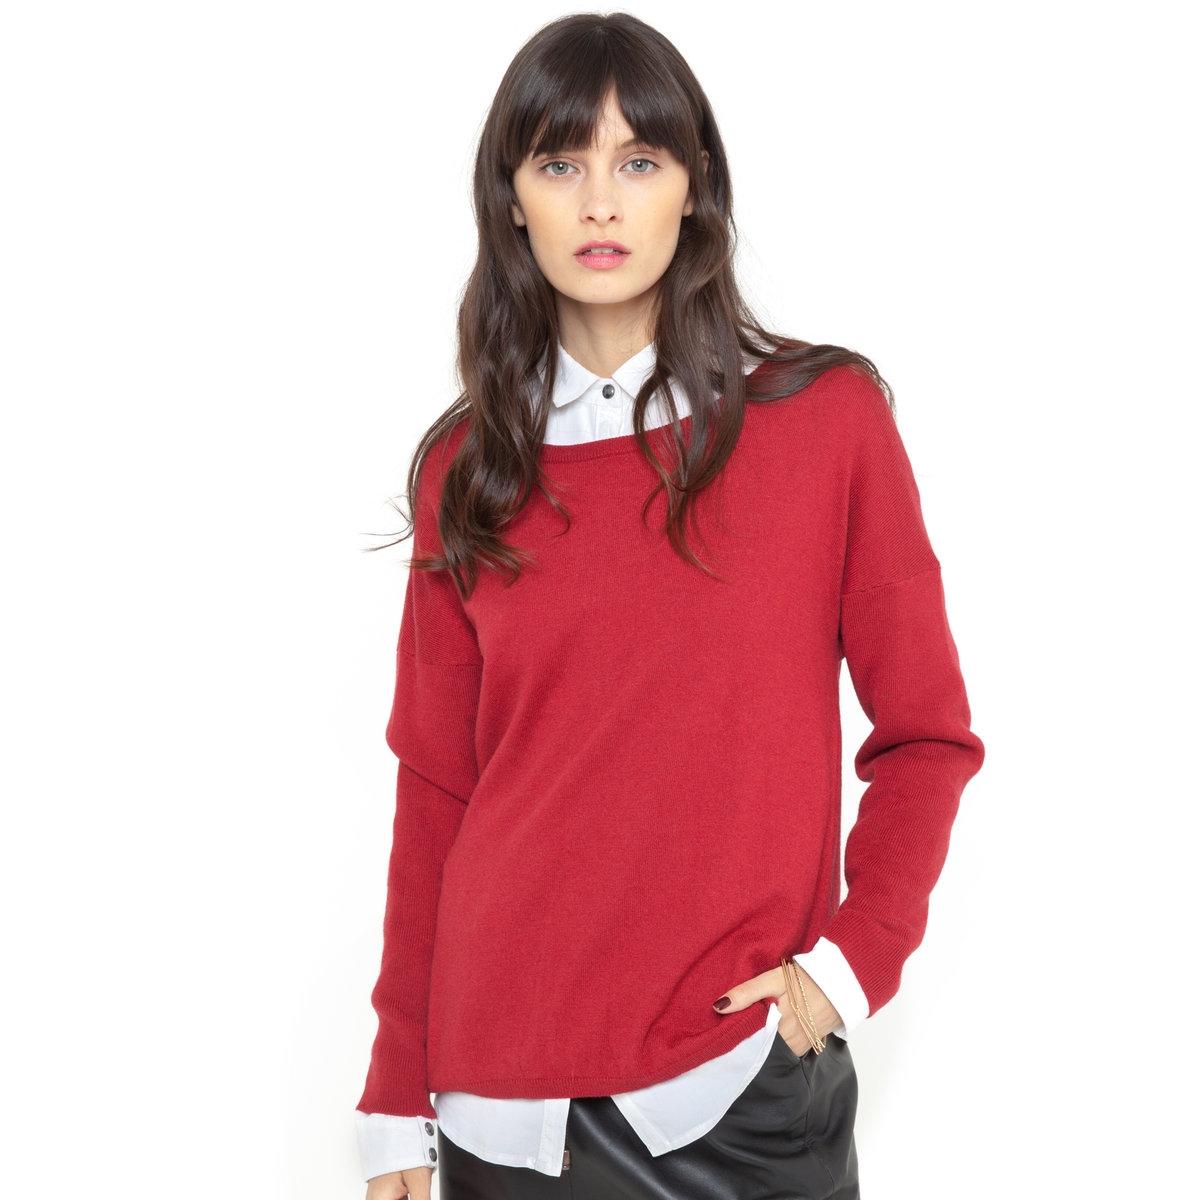 Пуловер свободного покрояПуловер свободного покроя.  Эффект запаха сзади. Длинные рукава. 50% вискозы, 40% полиамида, 10% шерсти. Длина ок.48 см.<br><br>Цвет: красный карминный,слоновая кость<br>Размер: 46/48 (FR) - 52/54 (RUS)